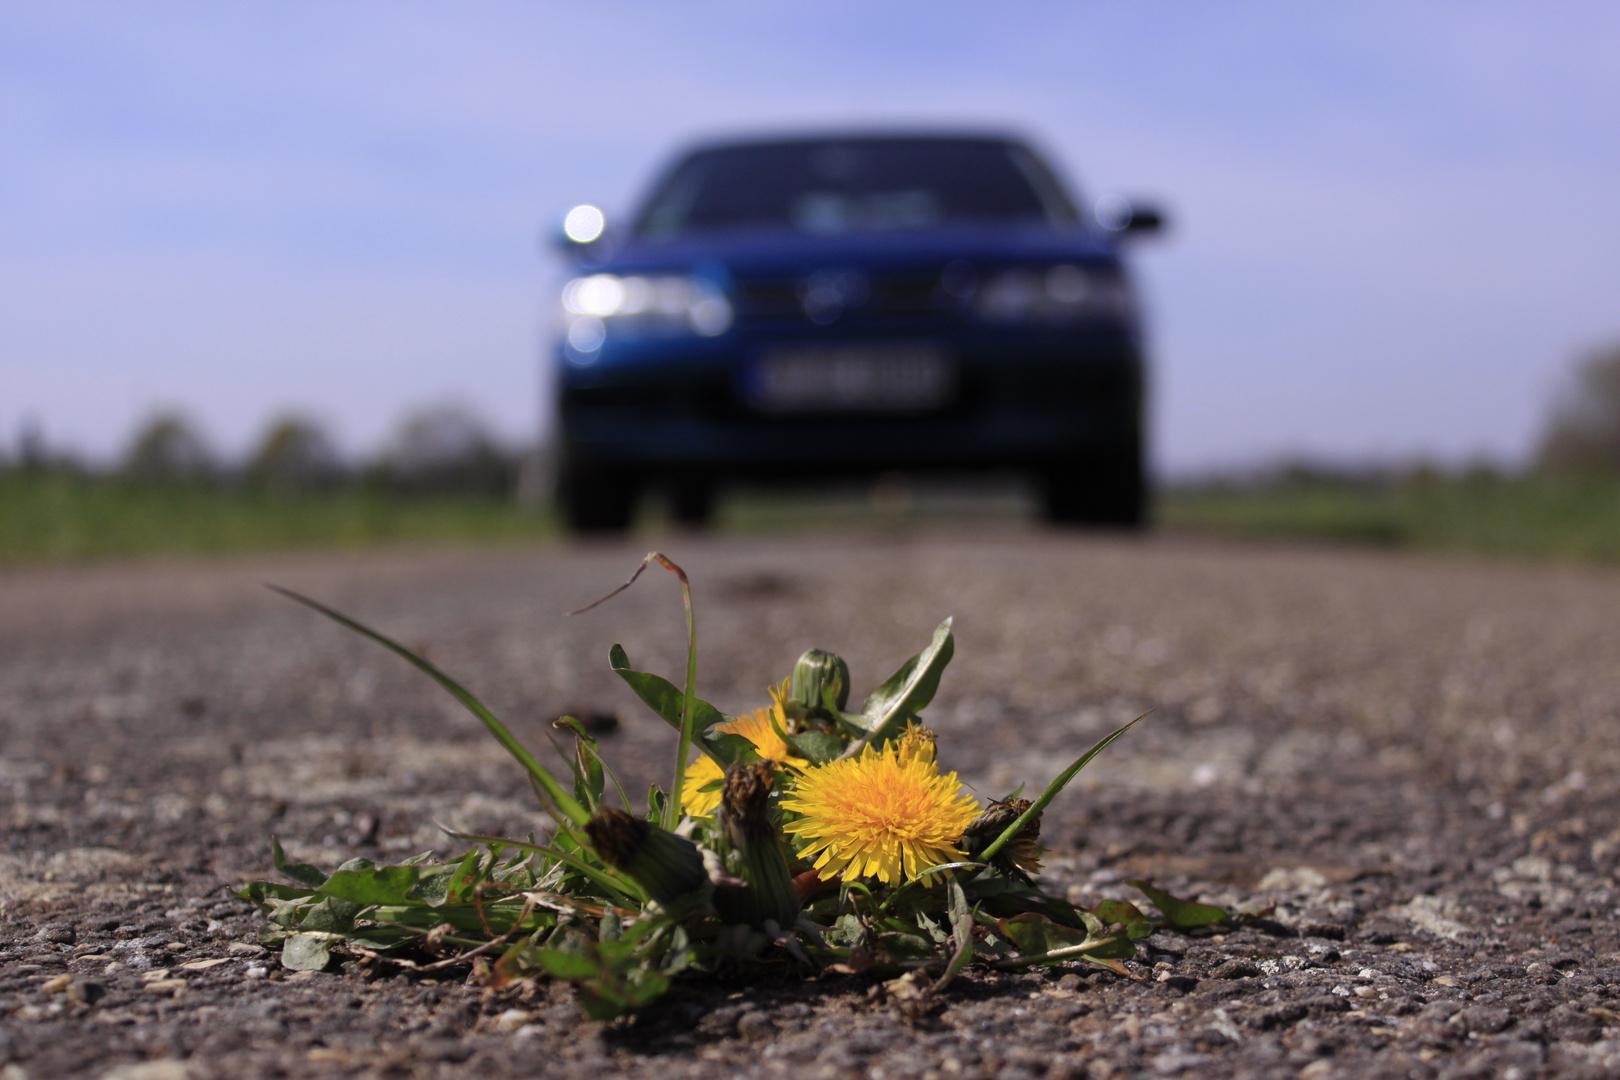 Die Natur findet immer einen Weg!